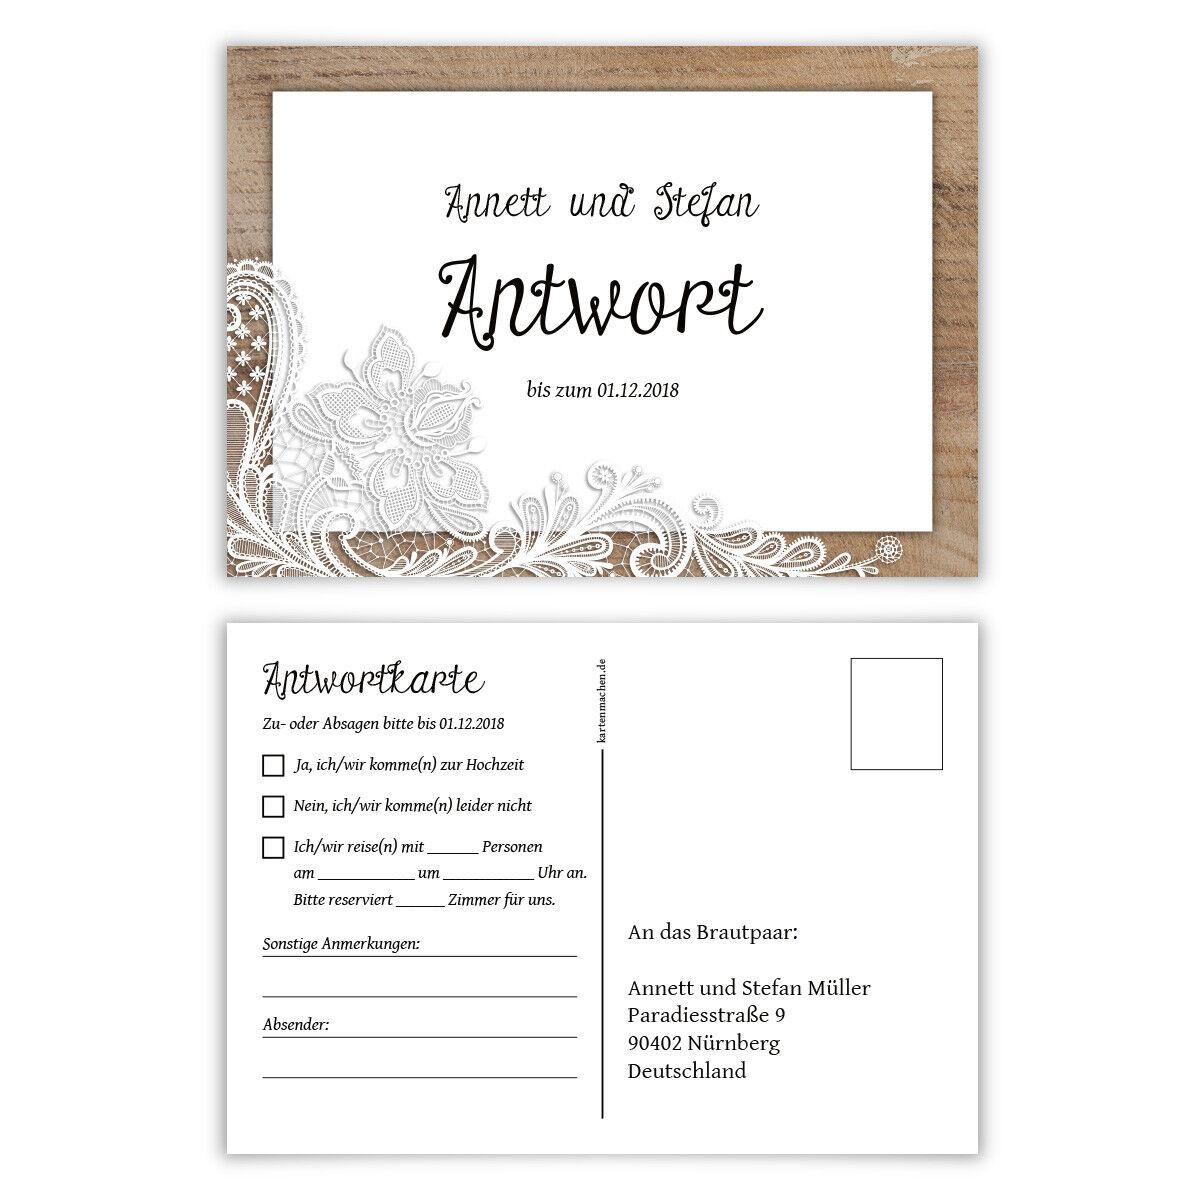 Antwortkarte Hochzeit Hochzeitskarten Antwort Postkarte Rustikal weiße Spitze | Züchtungen Eingeführt Werden Eine Nach Der Anderen  | Trendy